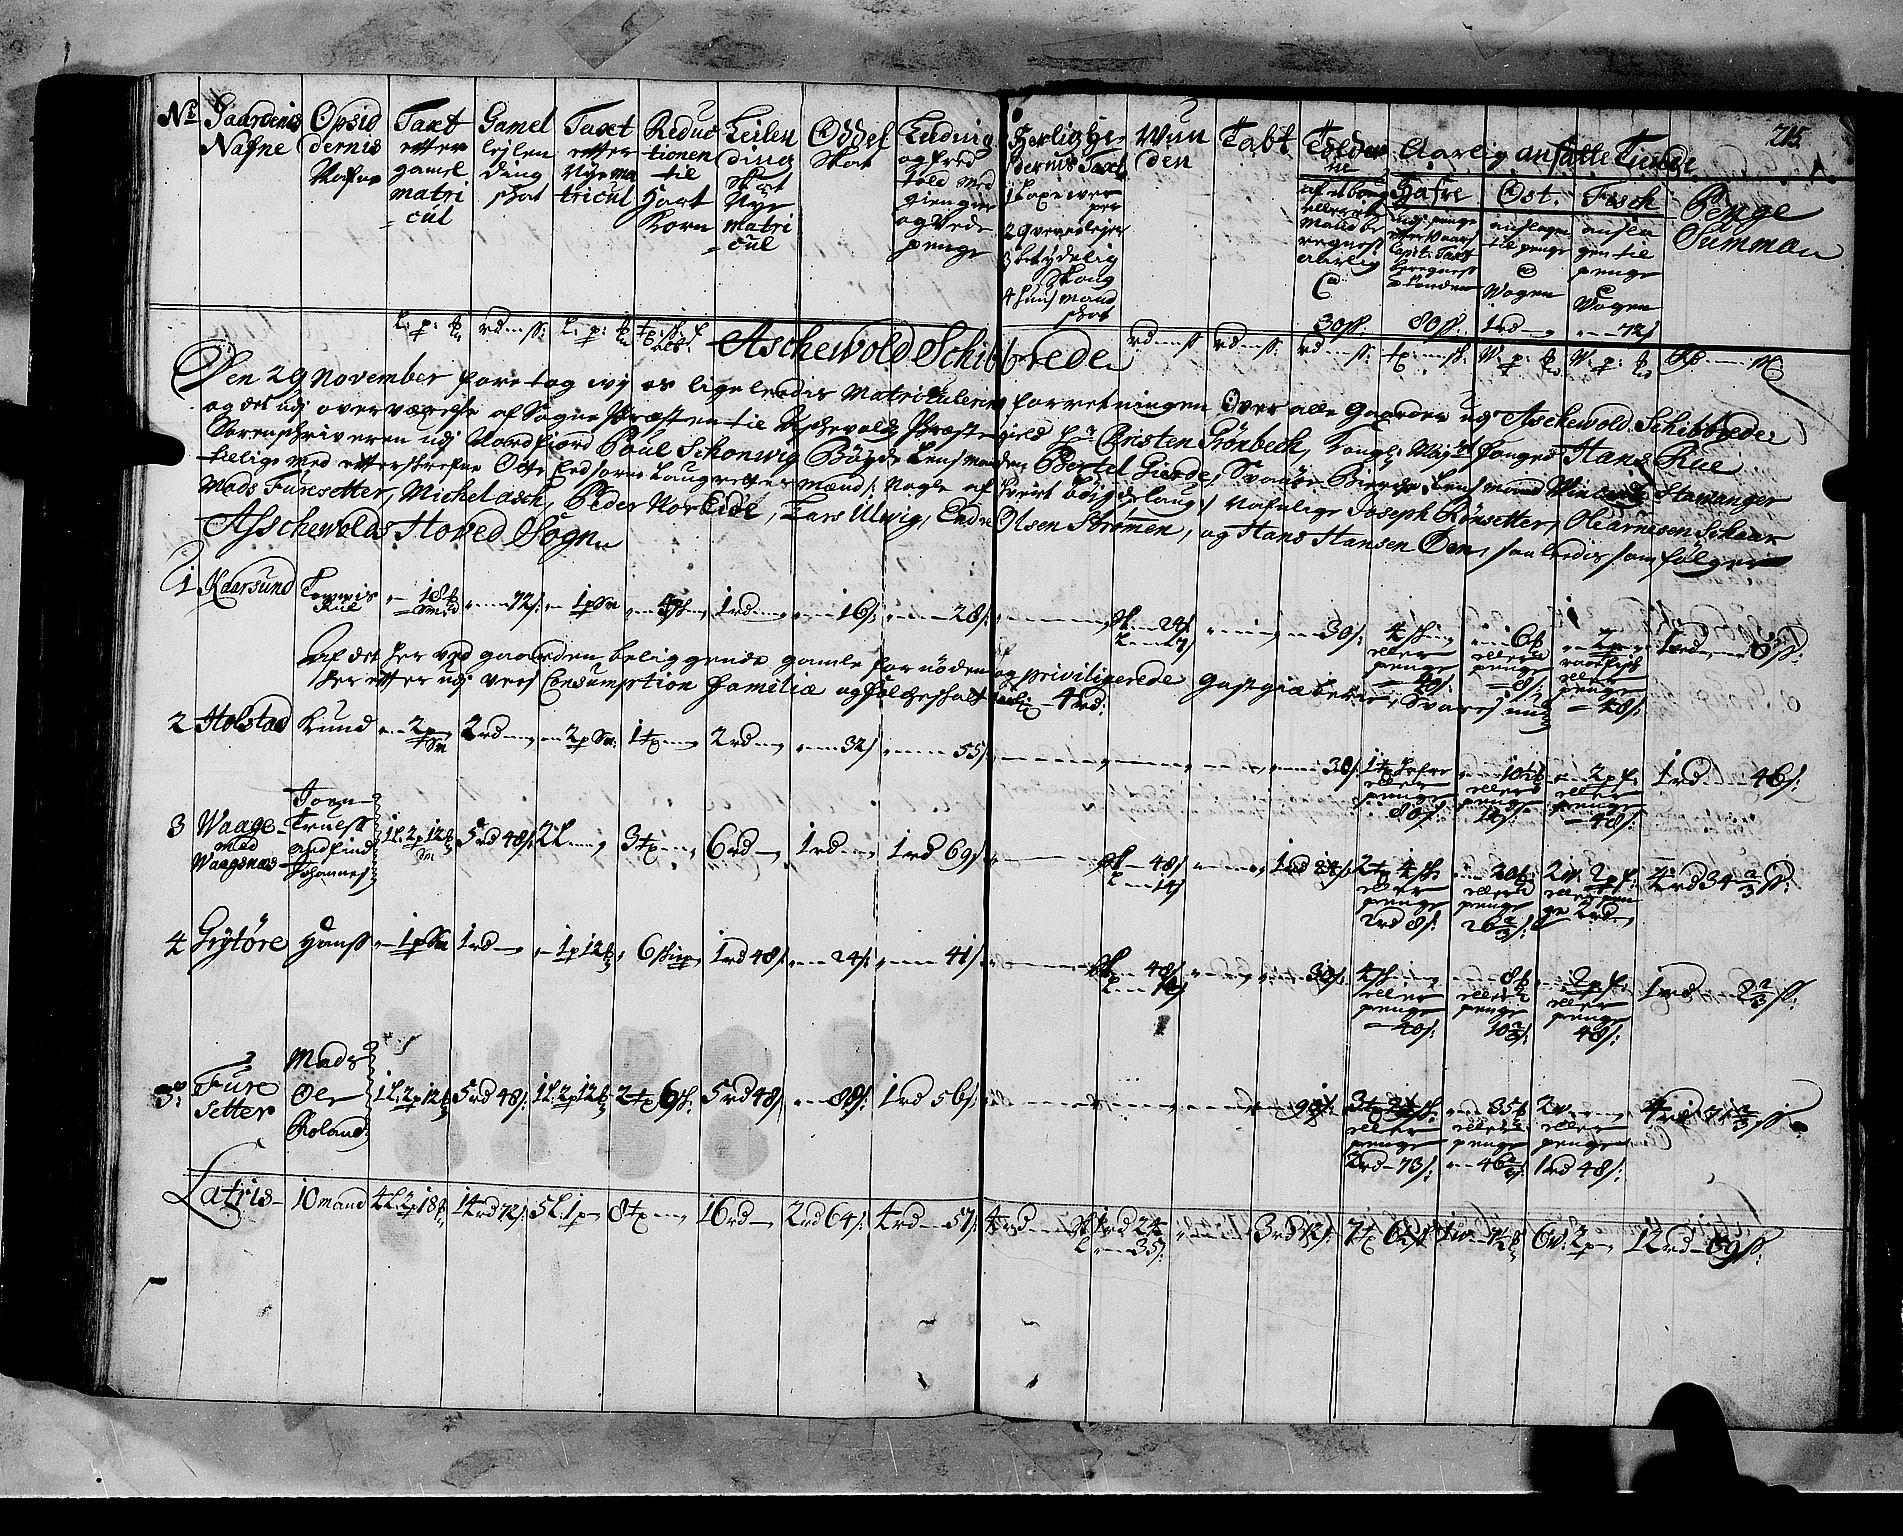 RA, Rentekammeret inntil 1814, Realistisk ordnet avdeling, N/Nb/Nbf/L0147: Sunnfjord og Nordfjord matrikkelprotokoll, 1723, s. 214b-215a